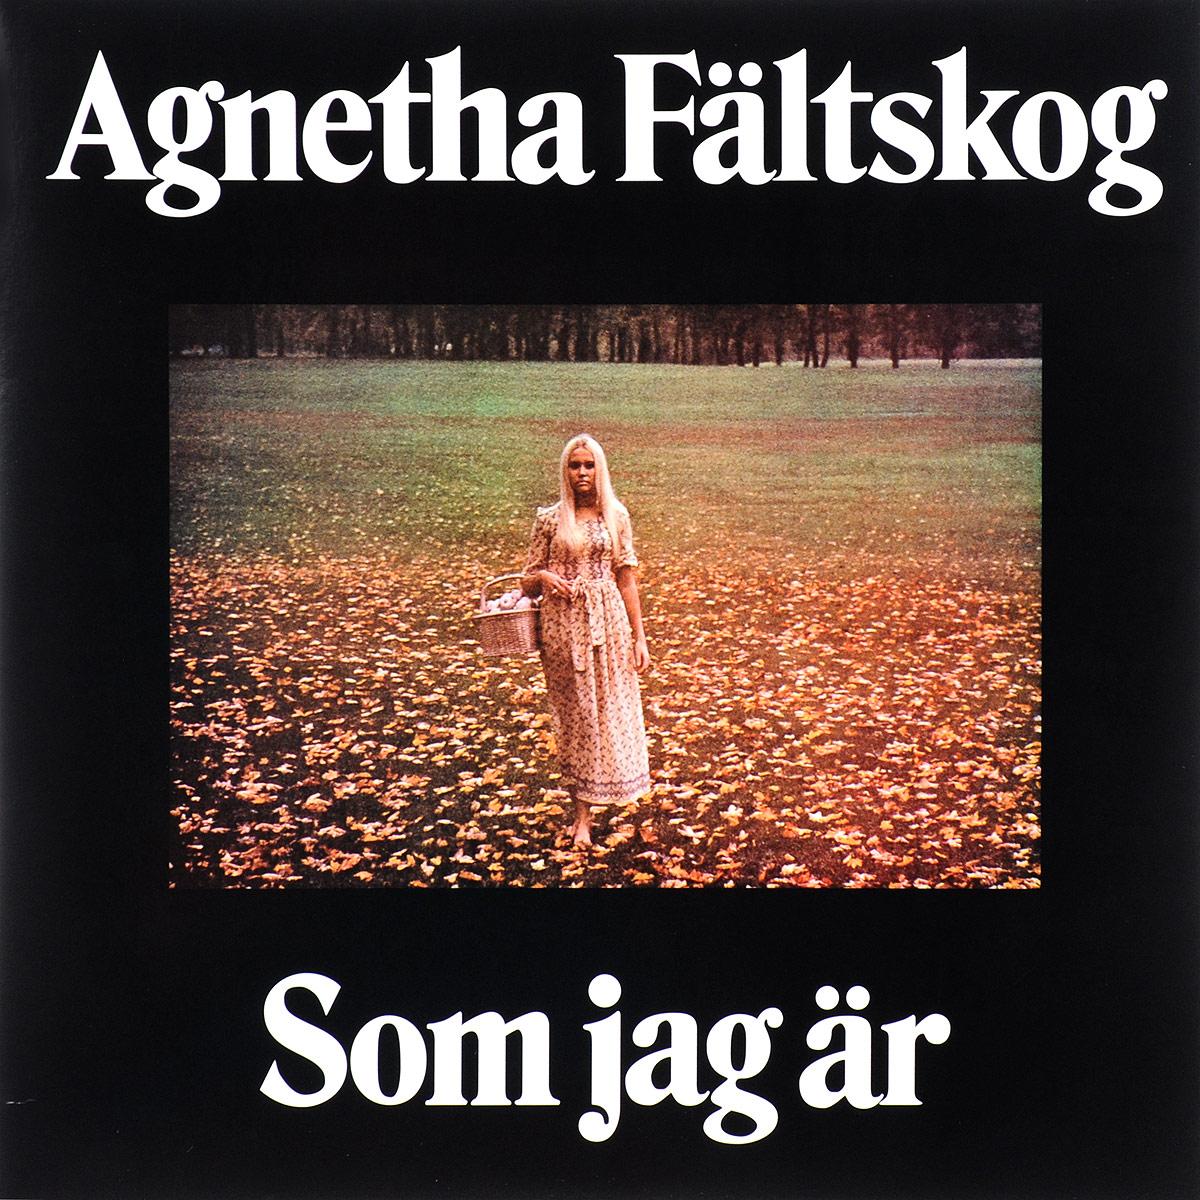 Агнета Фальтског Agnetha Faltskog. Som Jag Ar (LP) abba abbaagnetha faltskog som jag ar 180 gr